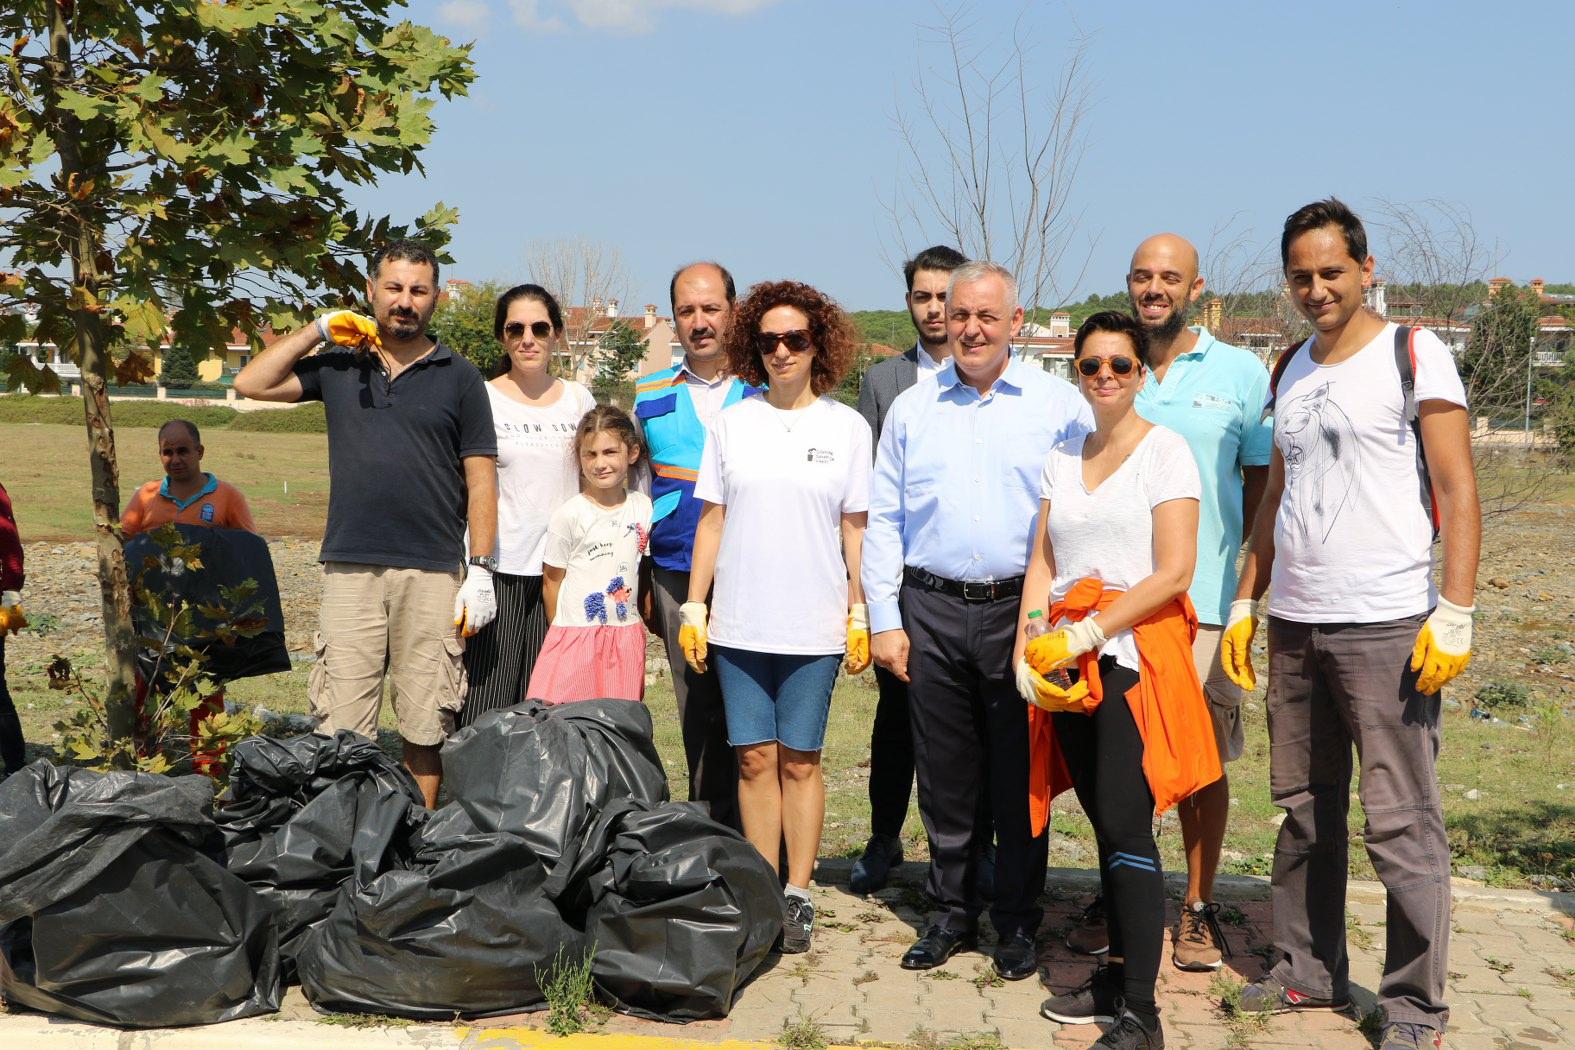 5 Eylül Dünya Temizlik Günü, Eyüpsultan Belediyesi Temizlik İşleri Müdürlüğü, Eyüpsultan Belediye Başkanı Remzi Aydın, Göktürk